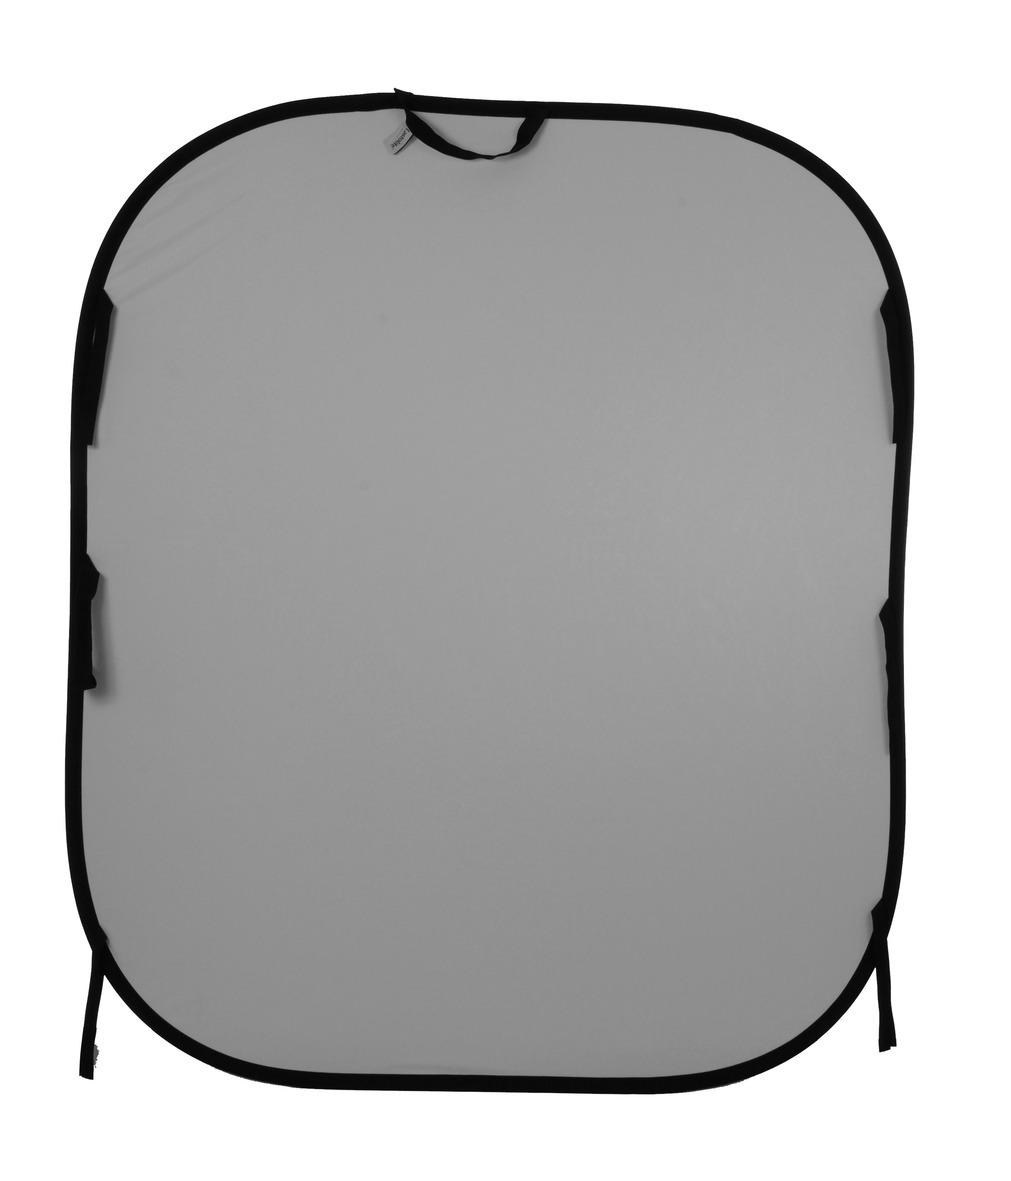 Lastolite LB56GB Black/Mid Grey